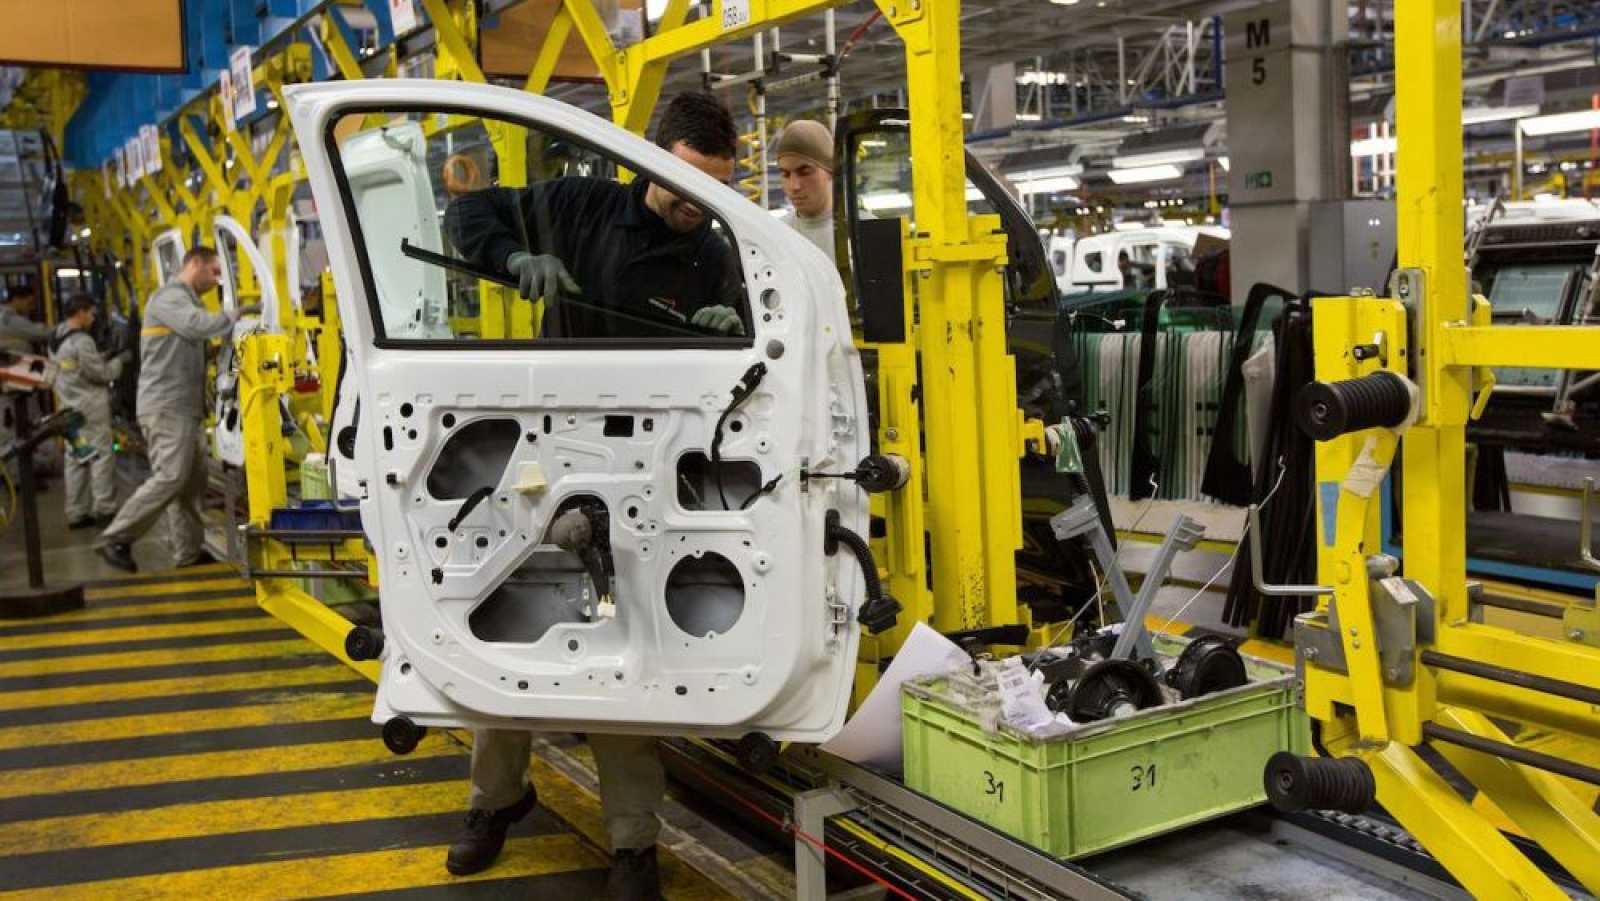 África hoy - Marruecos, primer fabricante de vehículos en el norte de África - 05/11/20 - escuchar ahora